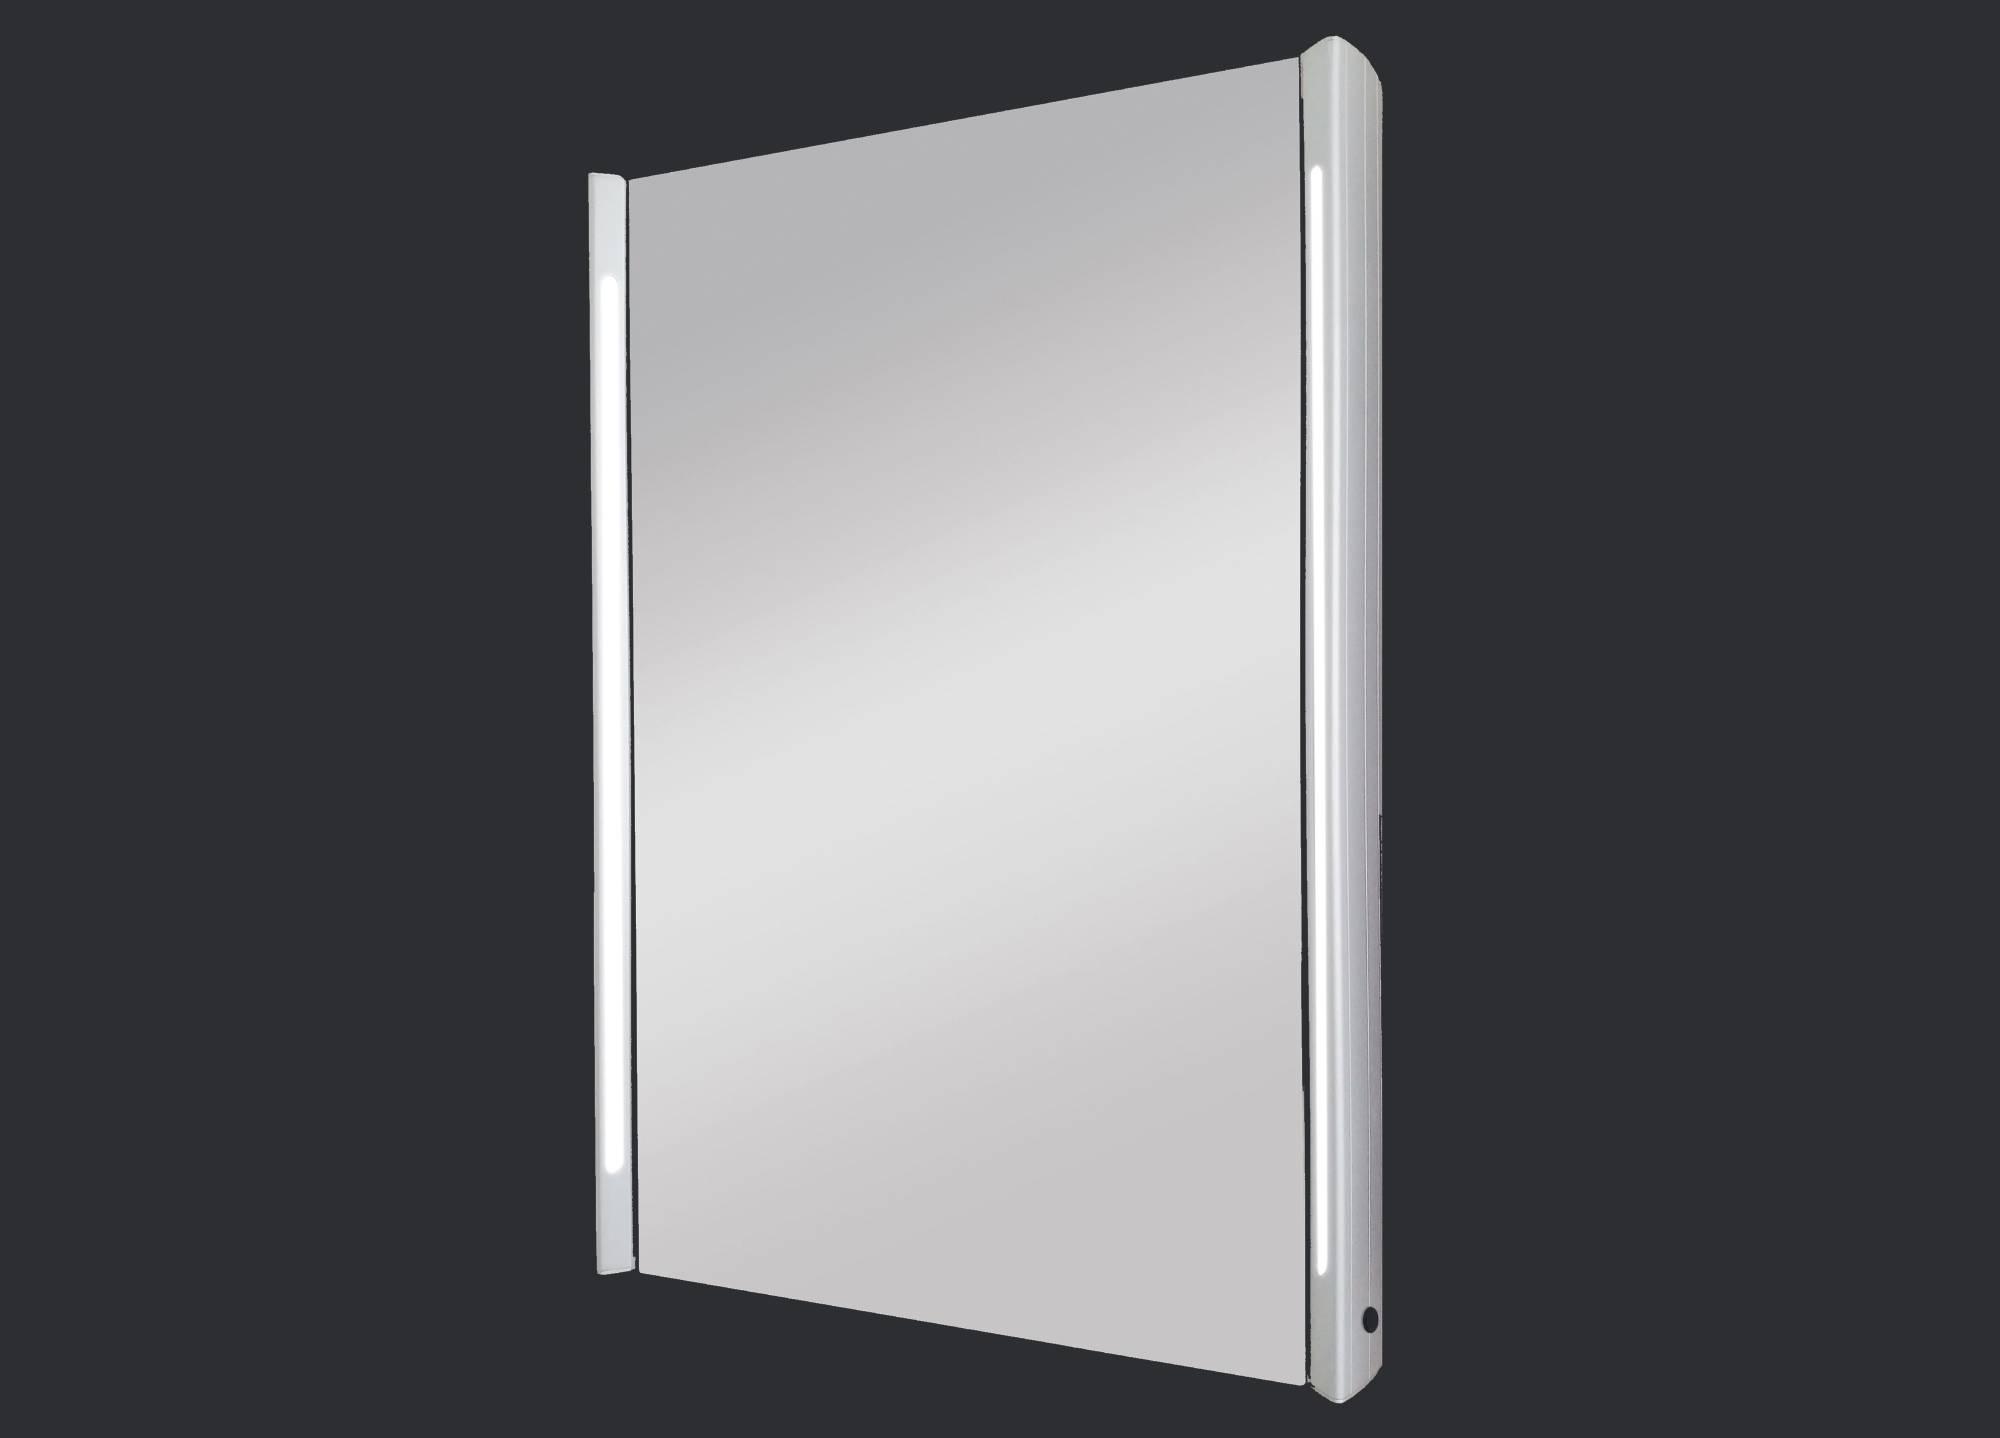 Miroir_container_vanita_e_casa_zenit02